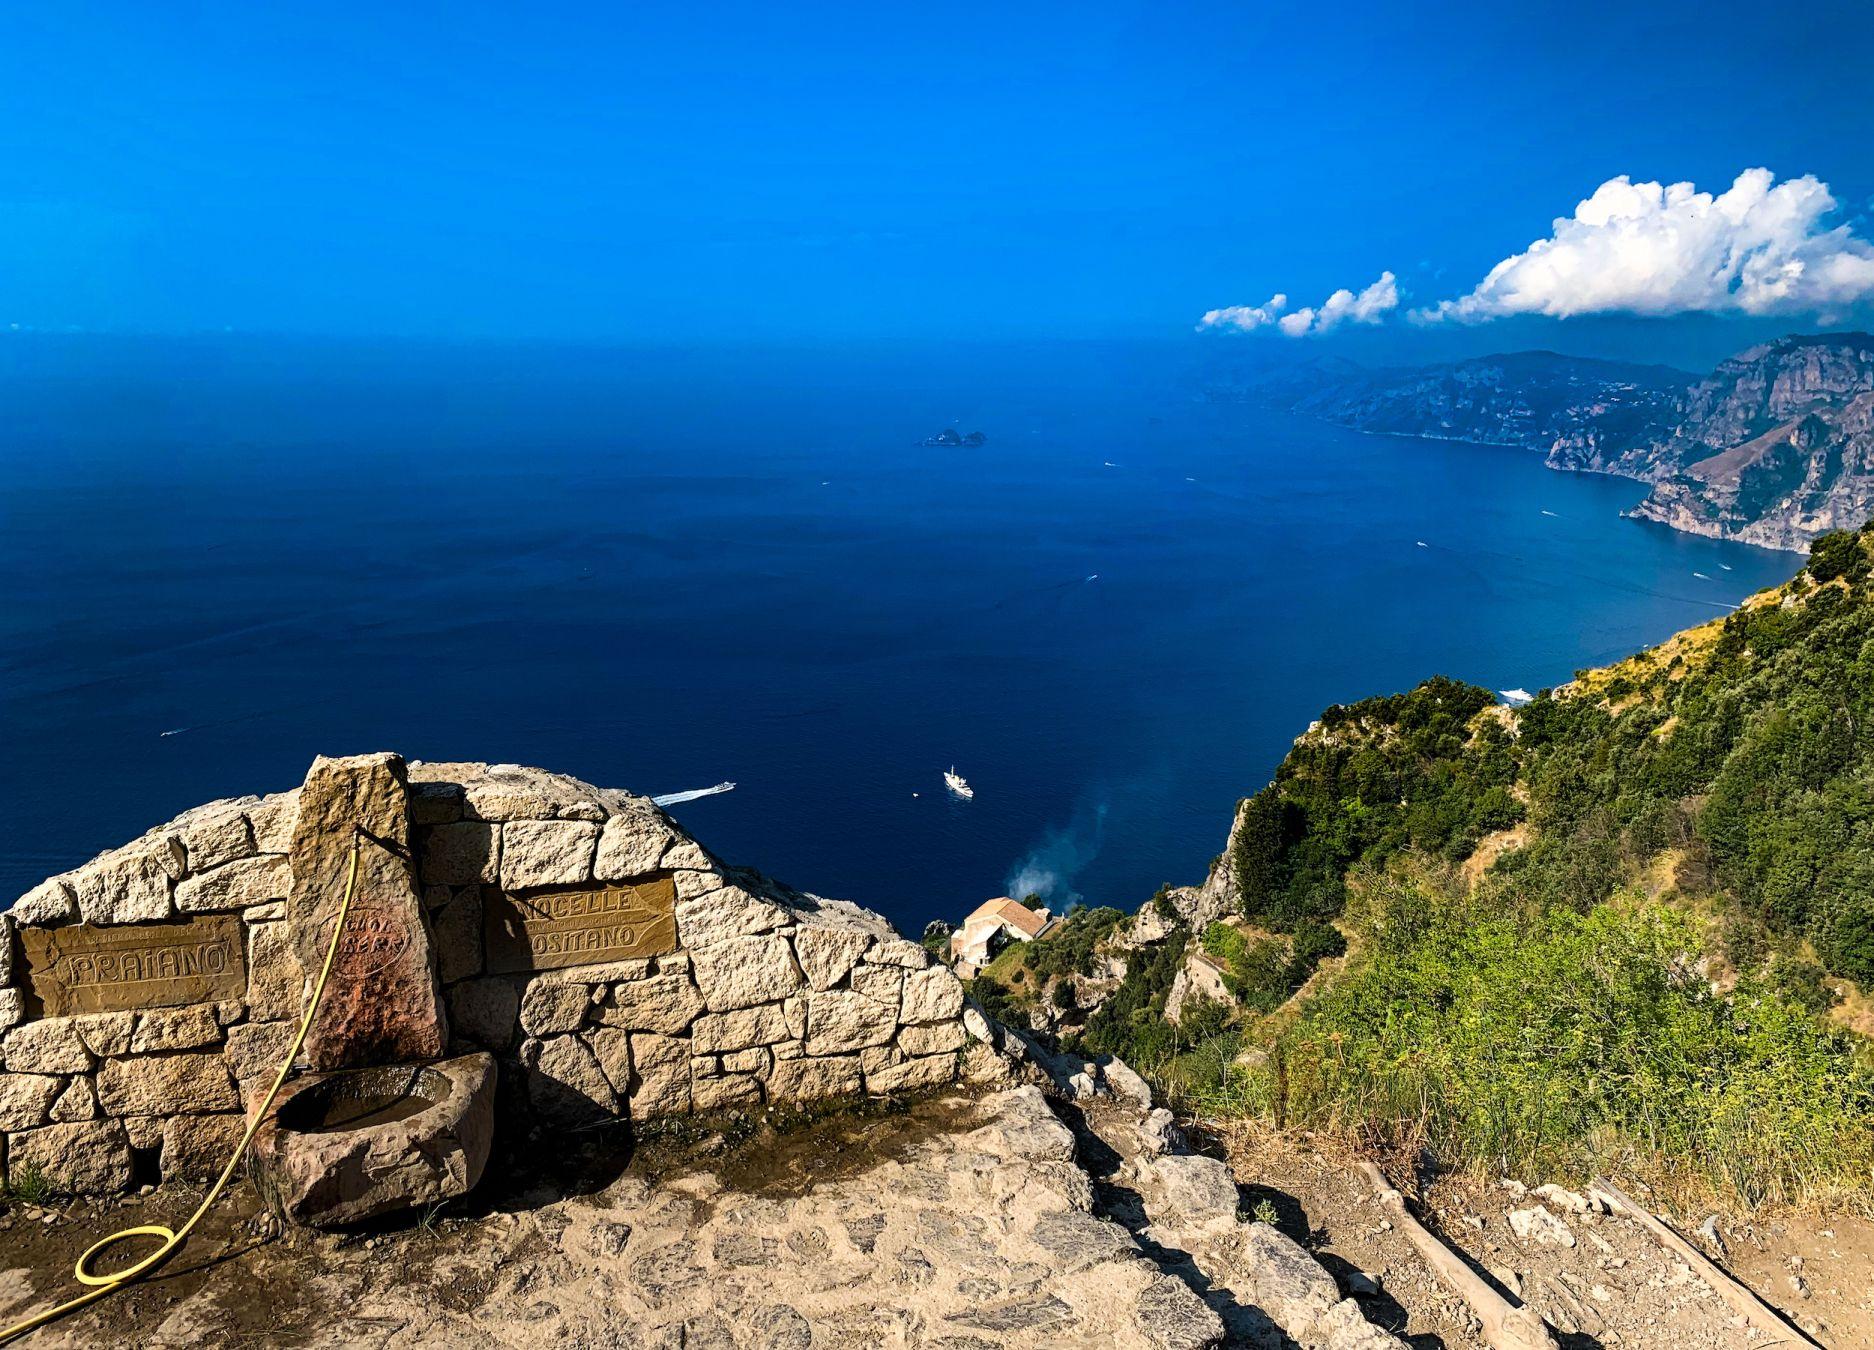 La spettacolare veduta dal Sentiero degli Dei © Angelo Pittro / Lonely Planet Italia